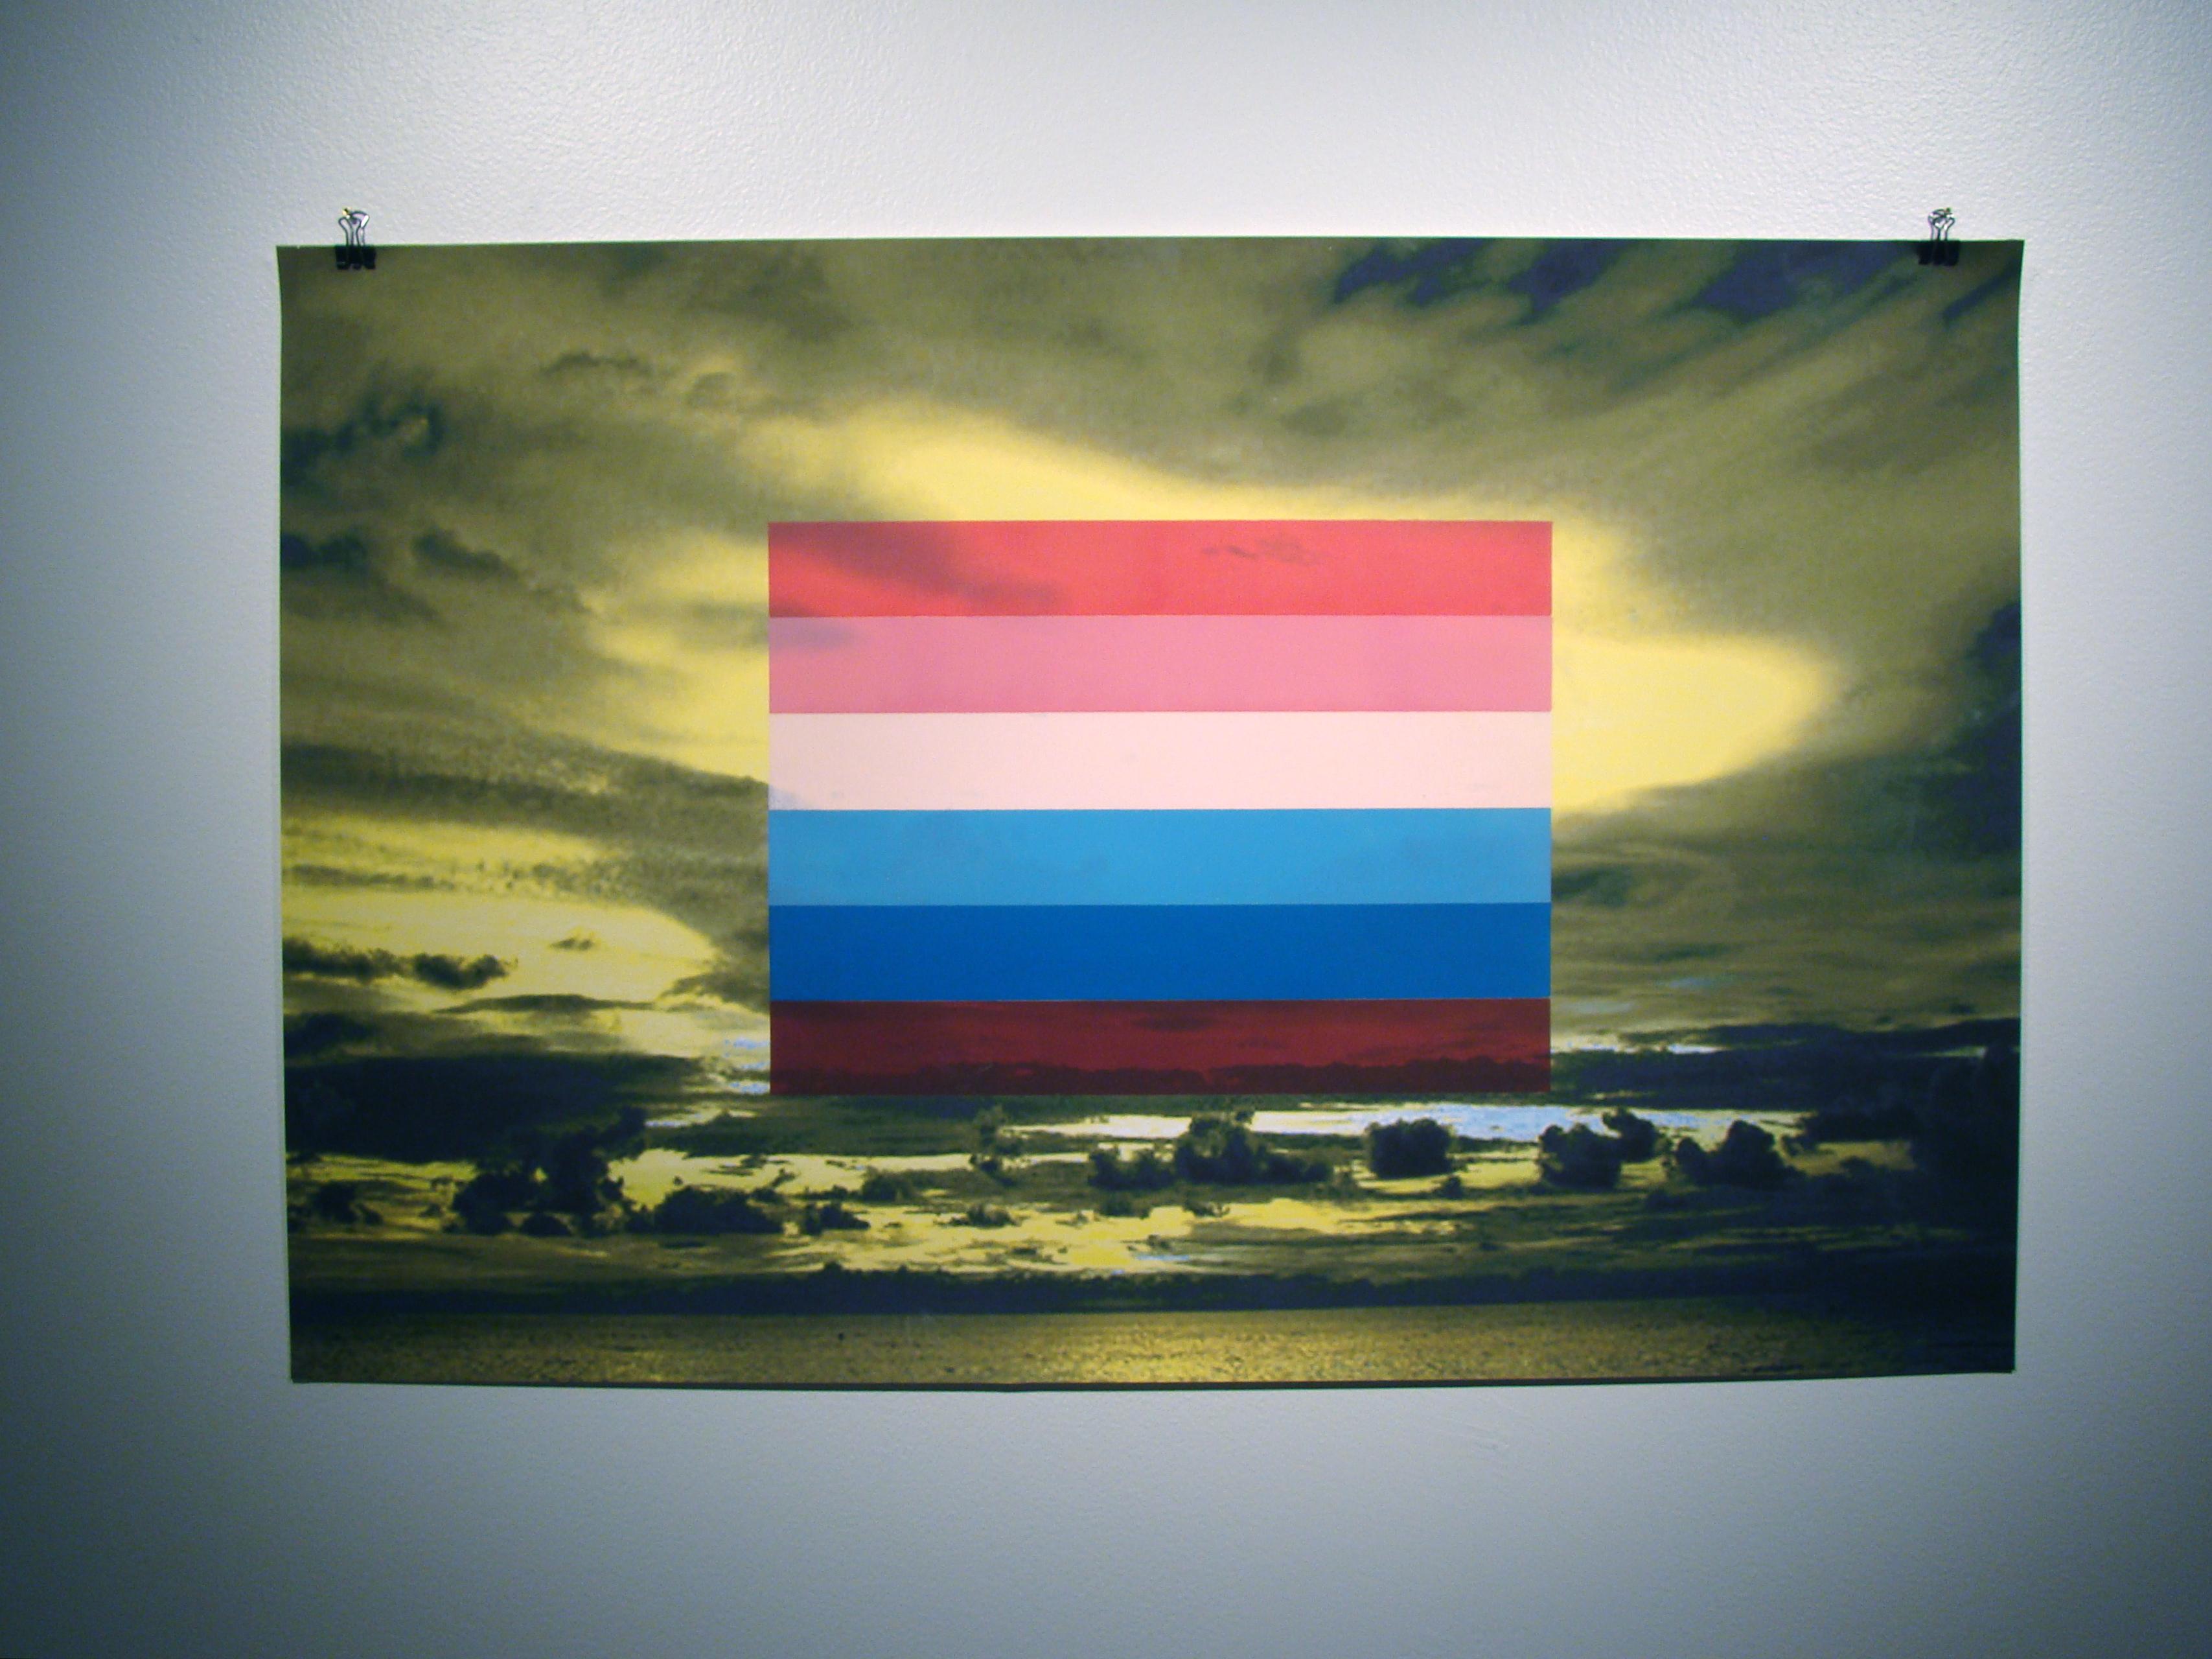 Tritanopia-Dutranopia Sunset, 2012